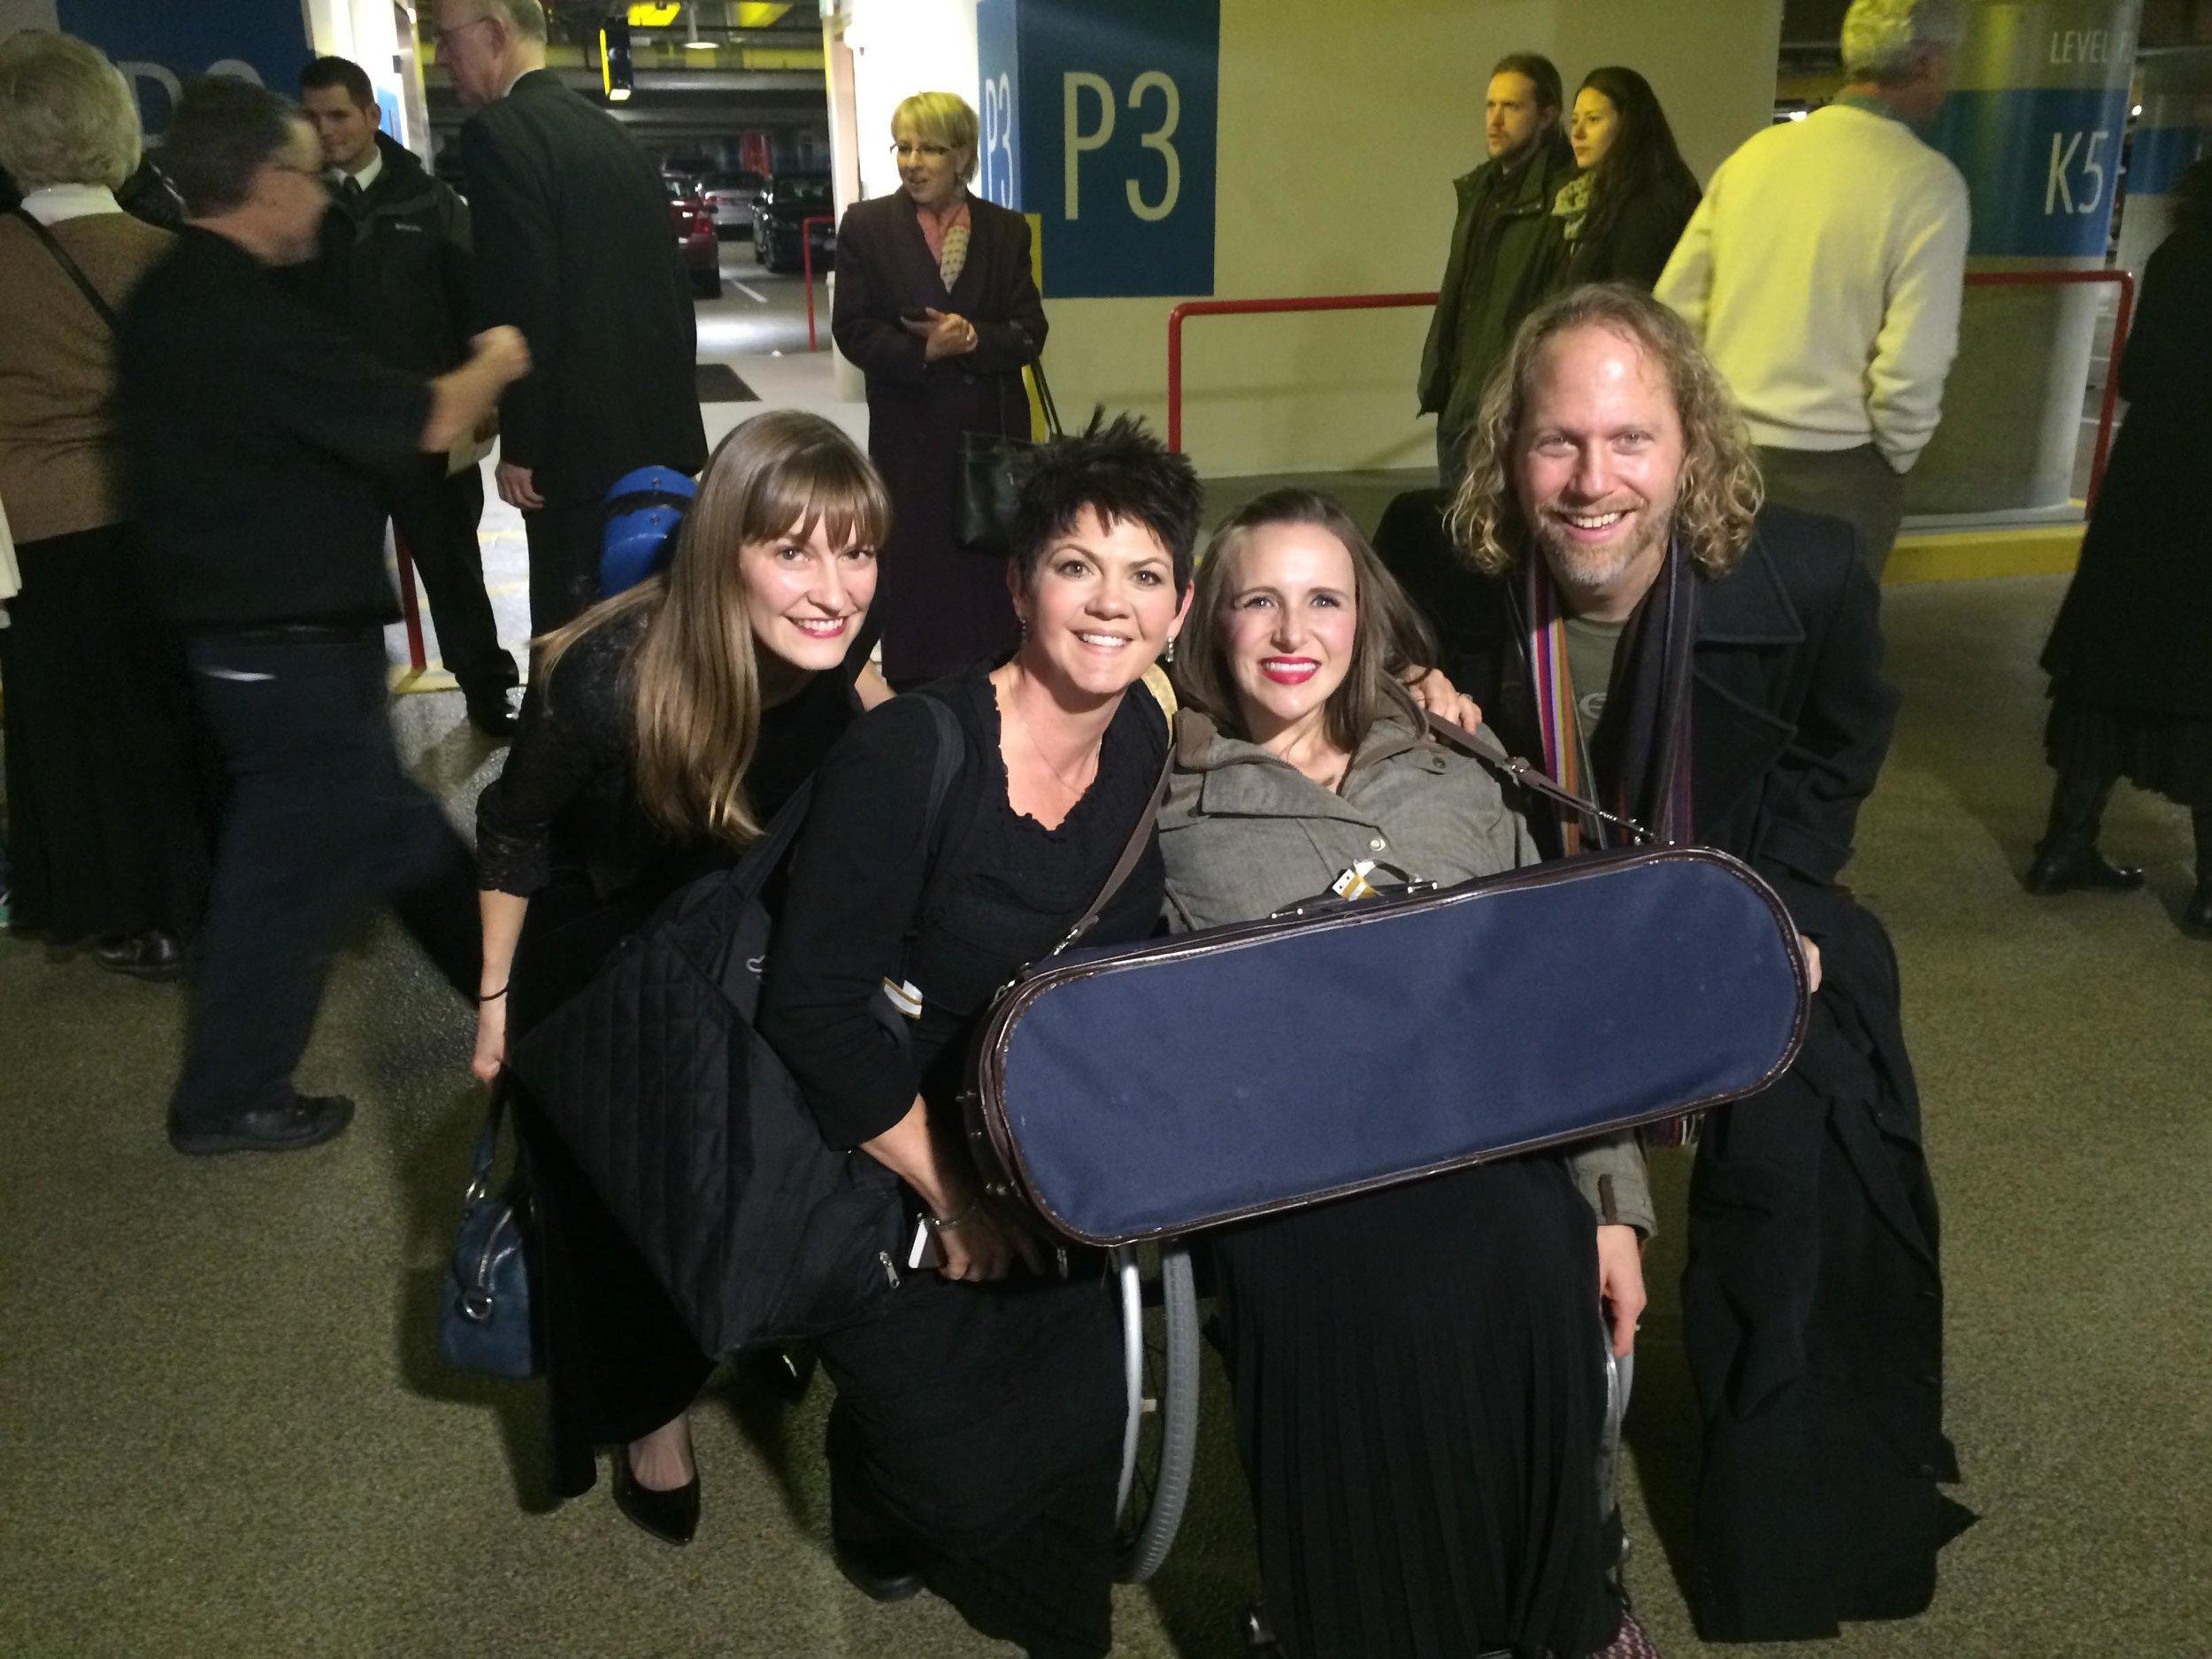 Christmas Concert - Jeannine Goeckeritz - Becca Goeckeritz - Peter Linz - Becca Moench - Backstage.jpg